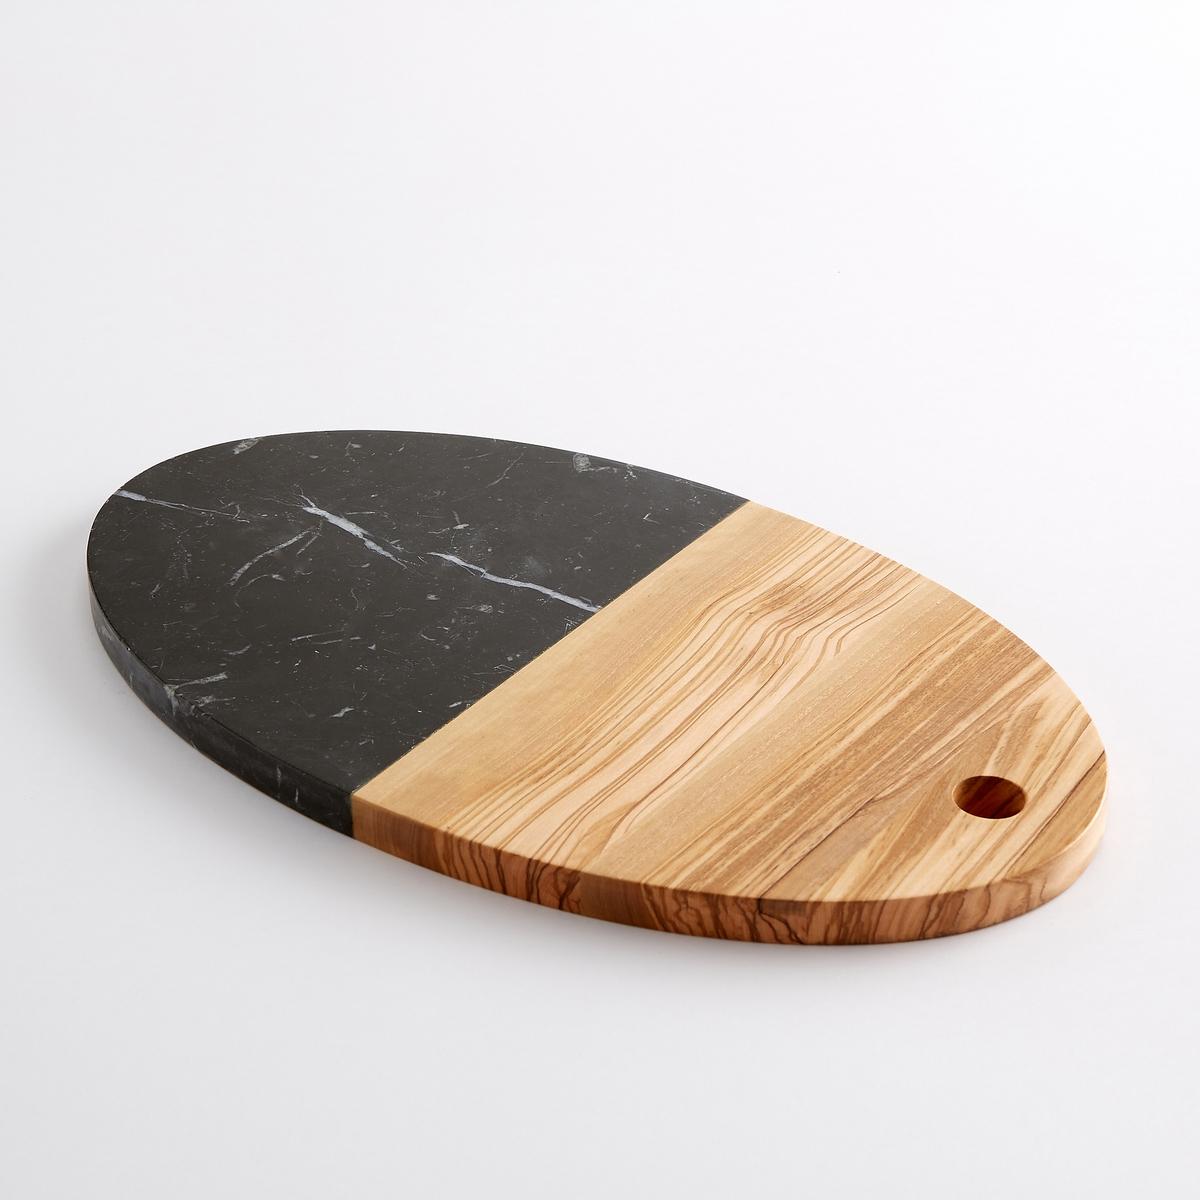 Разделочная доска из древесины и мрамора, чернаяМинимализм дизайна и элегантность комбинированного материала: Эта эстетичная и в то же время практичная доска займет достойное место на любой современной кухне.Характеристики разделочной доски из древесины и мрамора:Оливковое дерево и черный мрамор.Размеры разделочной доски из древесины и мрамора:35,6 x 20,3 x В1,5 см.Больше досок и другие товары для кухни на сайте laredoute.ru<br><br>Цвет: экрю/ черный